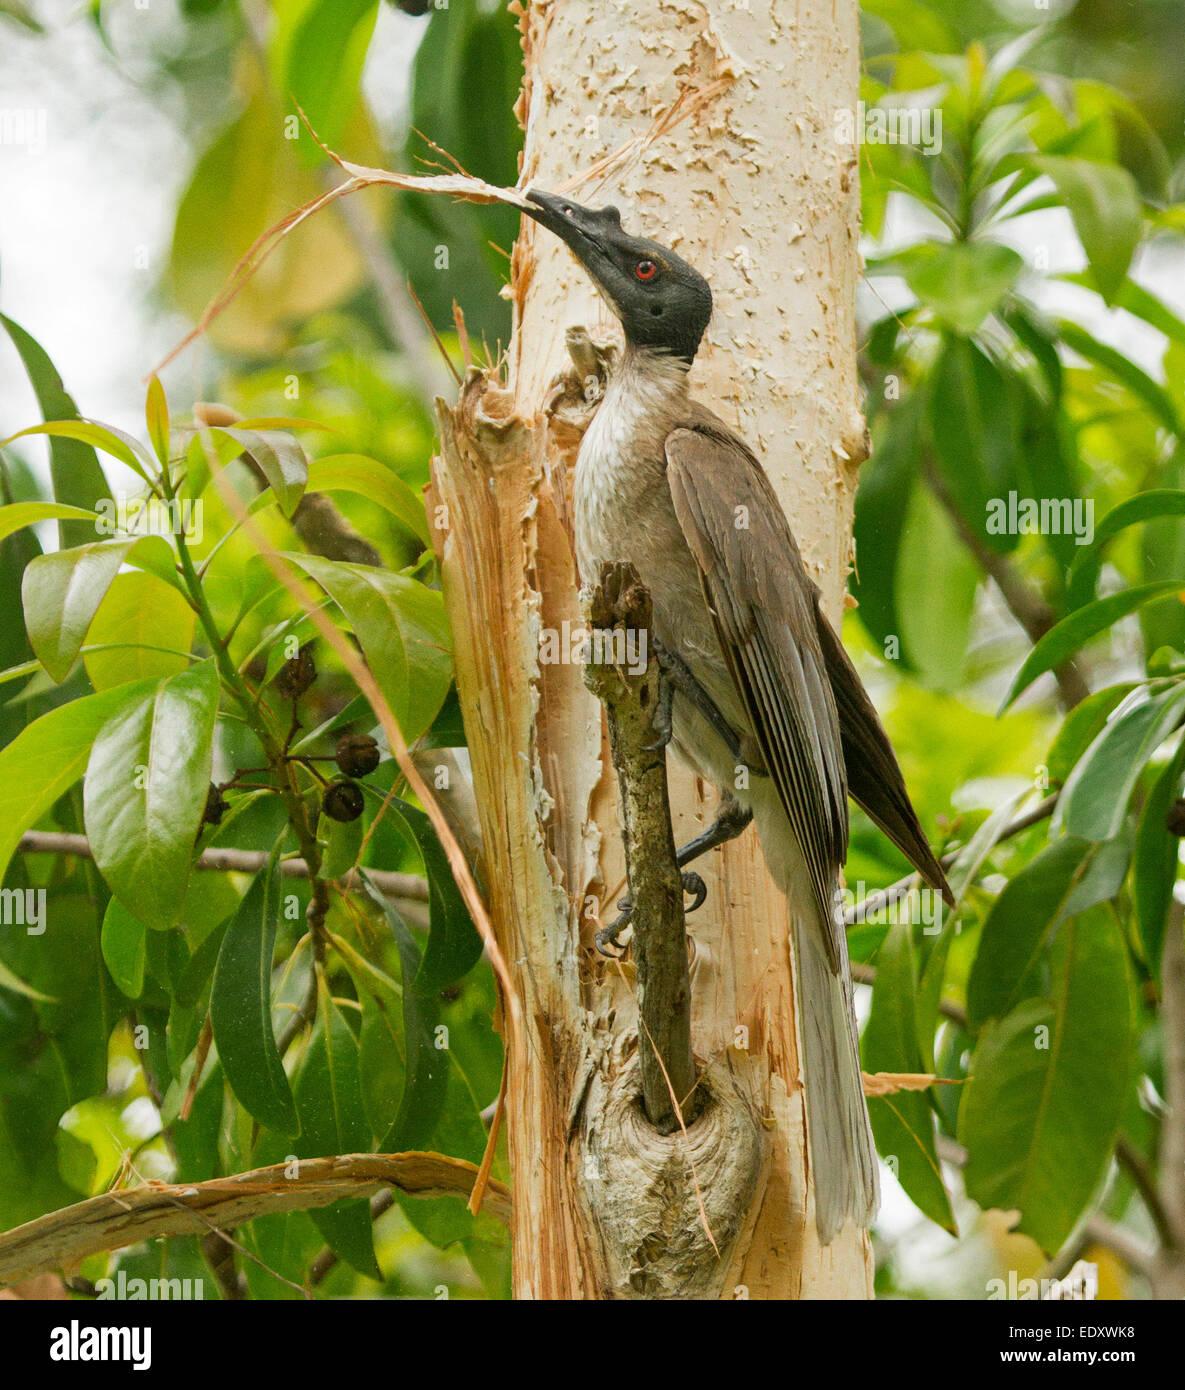 Australian rumoroso frate uccello, Filemone corniculatus, con materiale di nidificazione, una striscia di corteccia Immagini Stock